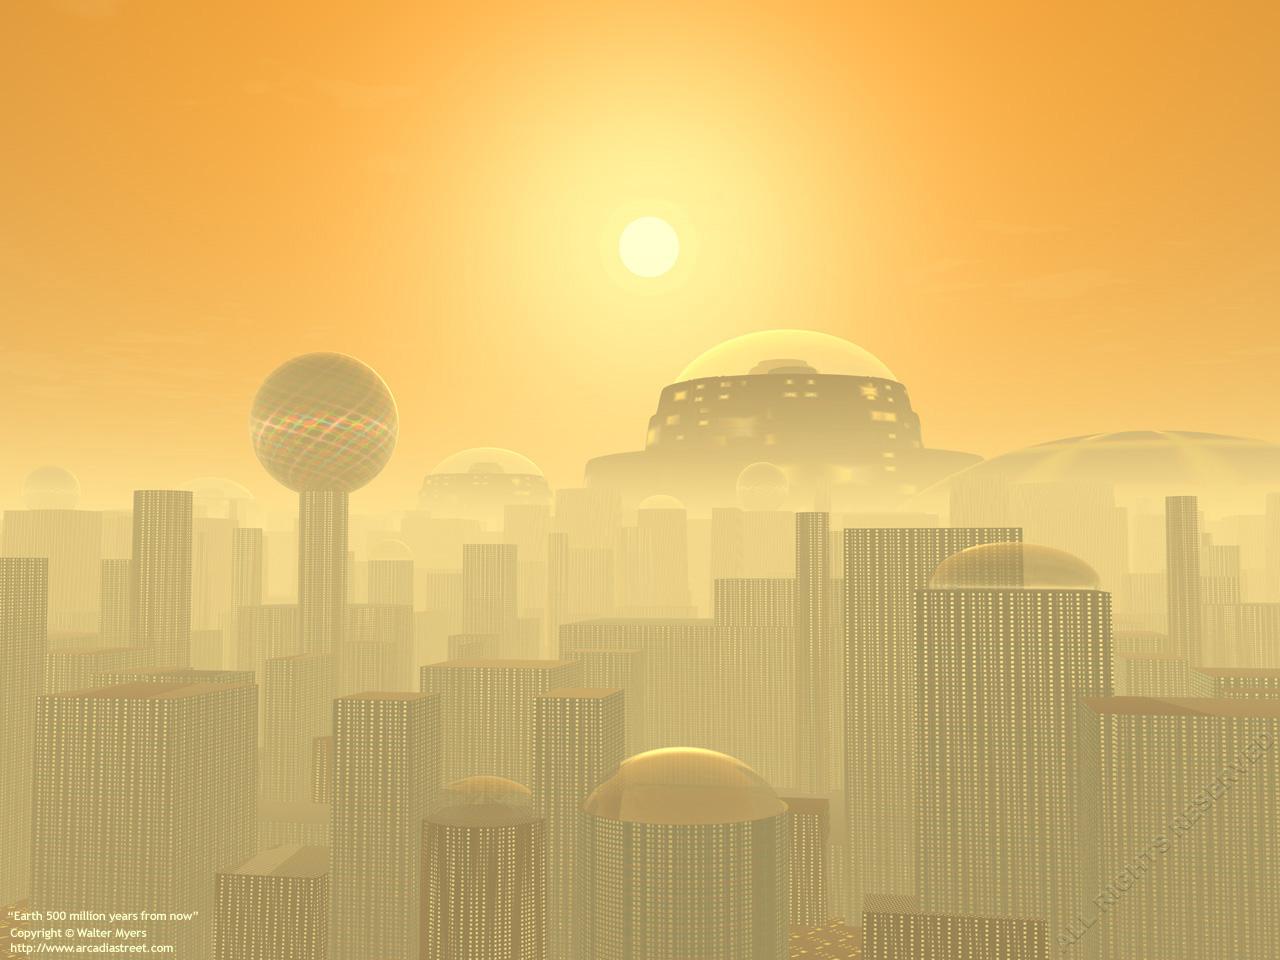 Solar For America >> Future Earth Gallery